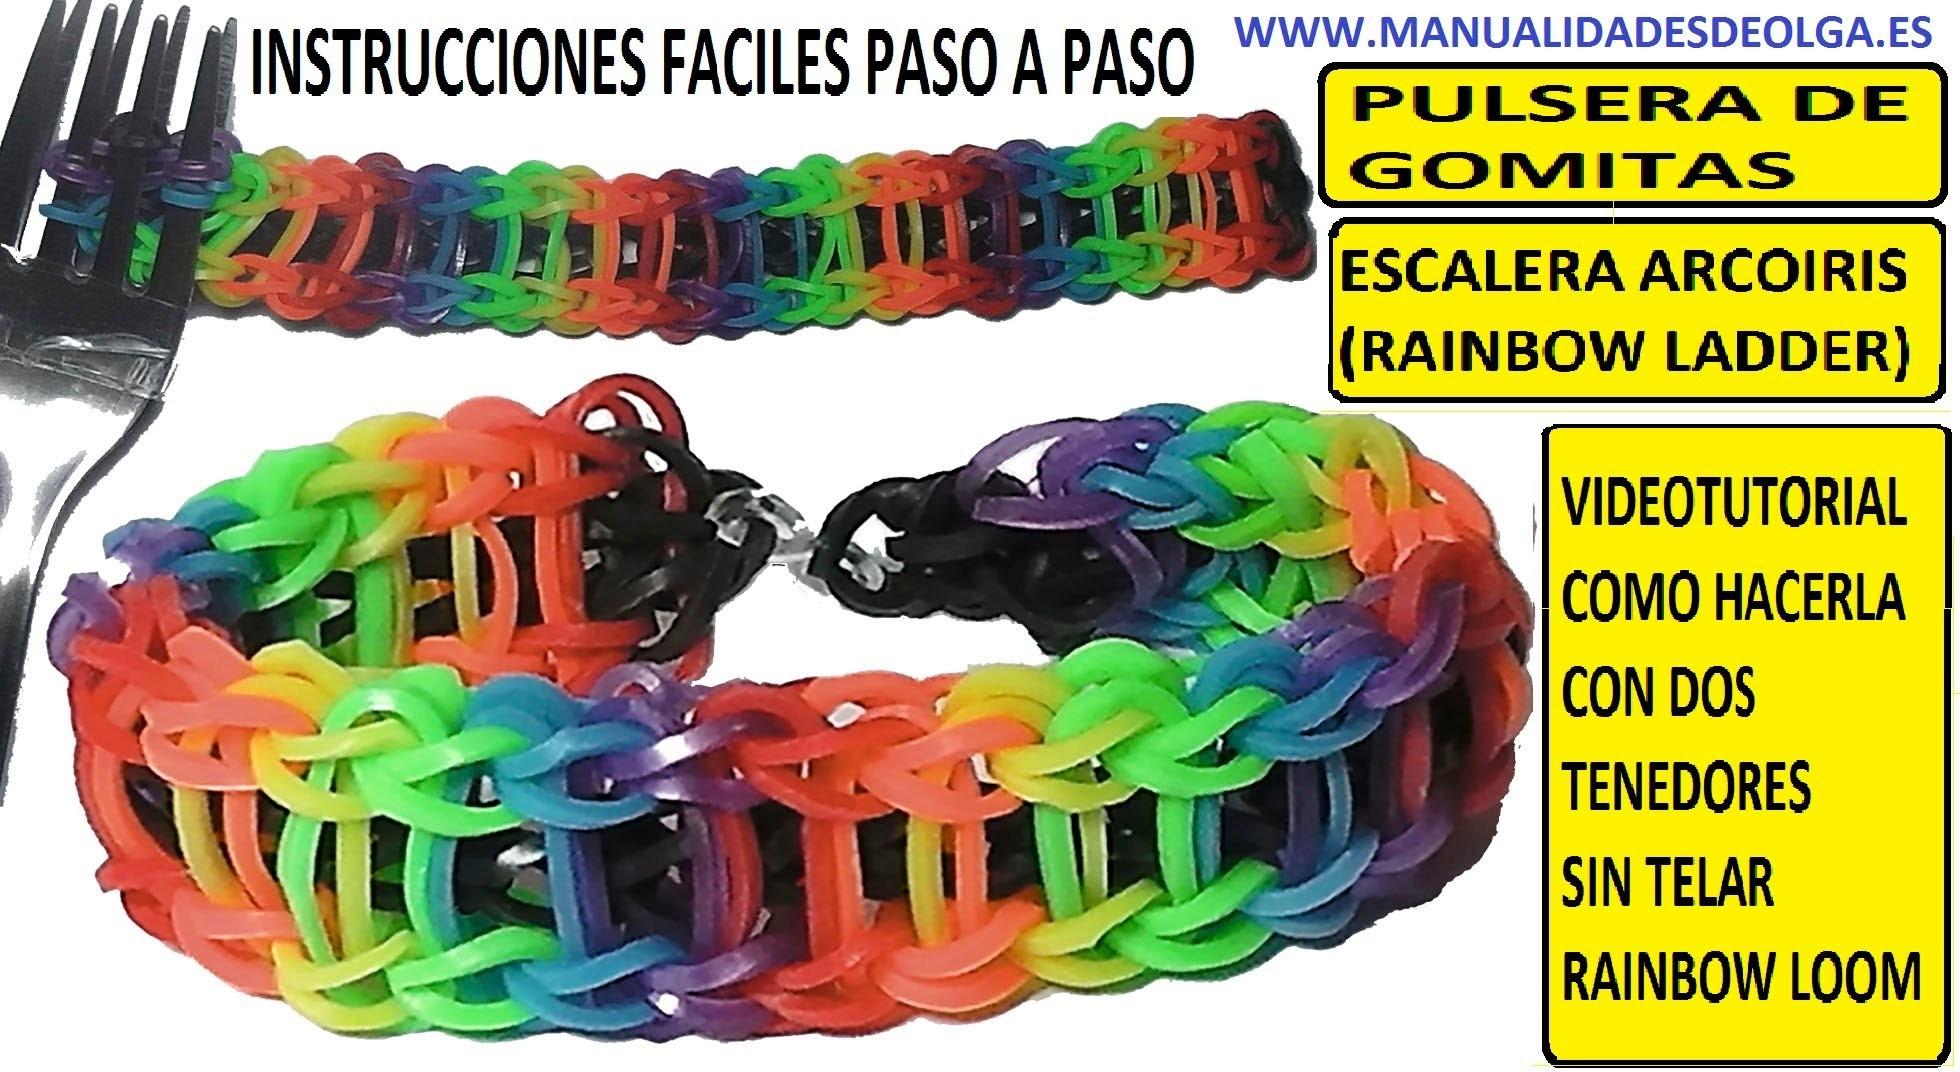 COMO HACER PULSERA DE GOMITAS ESCALERA ARCOIRIS (RAINBOW LADDER) CON 2 TENEDORES. VIDEOTUTORIAL